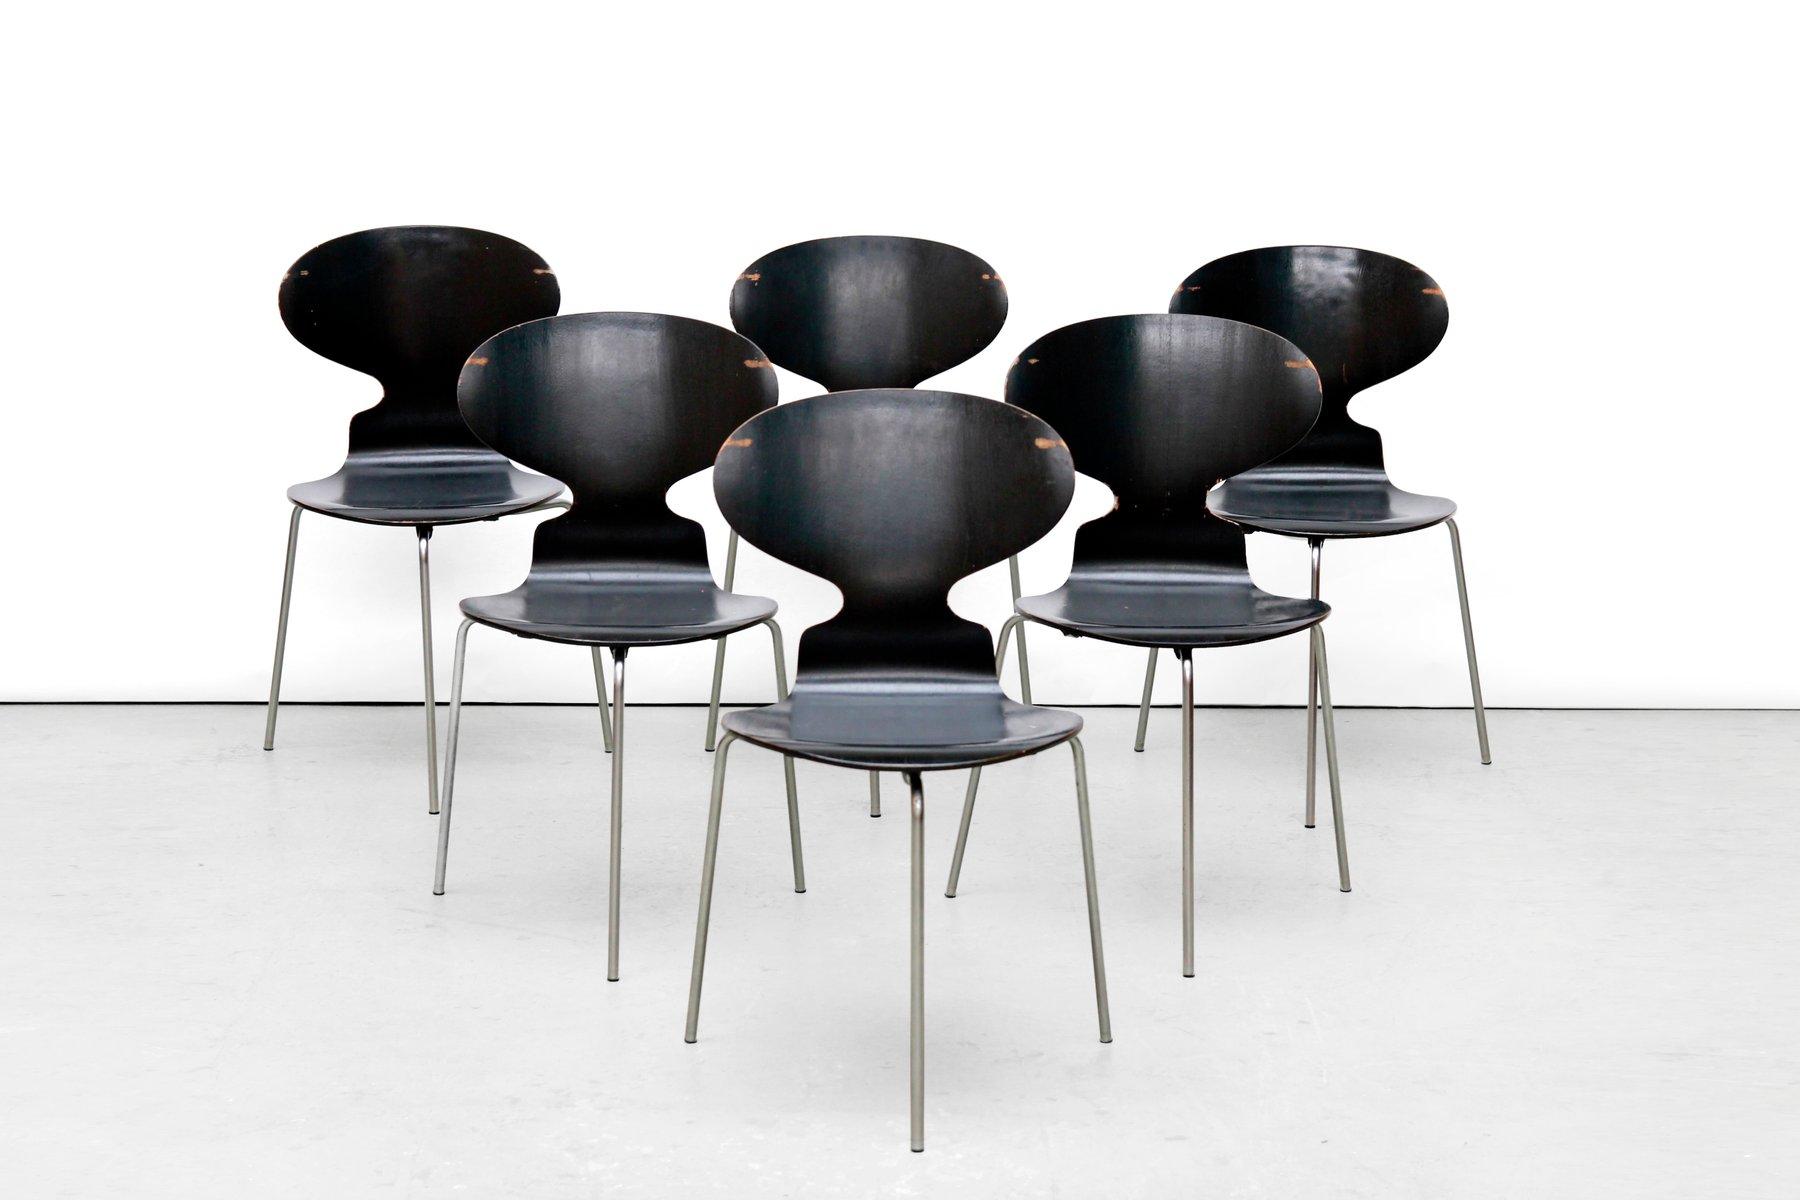 Jacobsen Stühle modell fh 3100 ant stühle arne jacobsen für fritz hansen 1969 6er set bei pamono kaufen